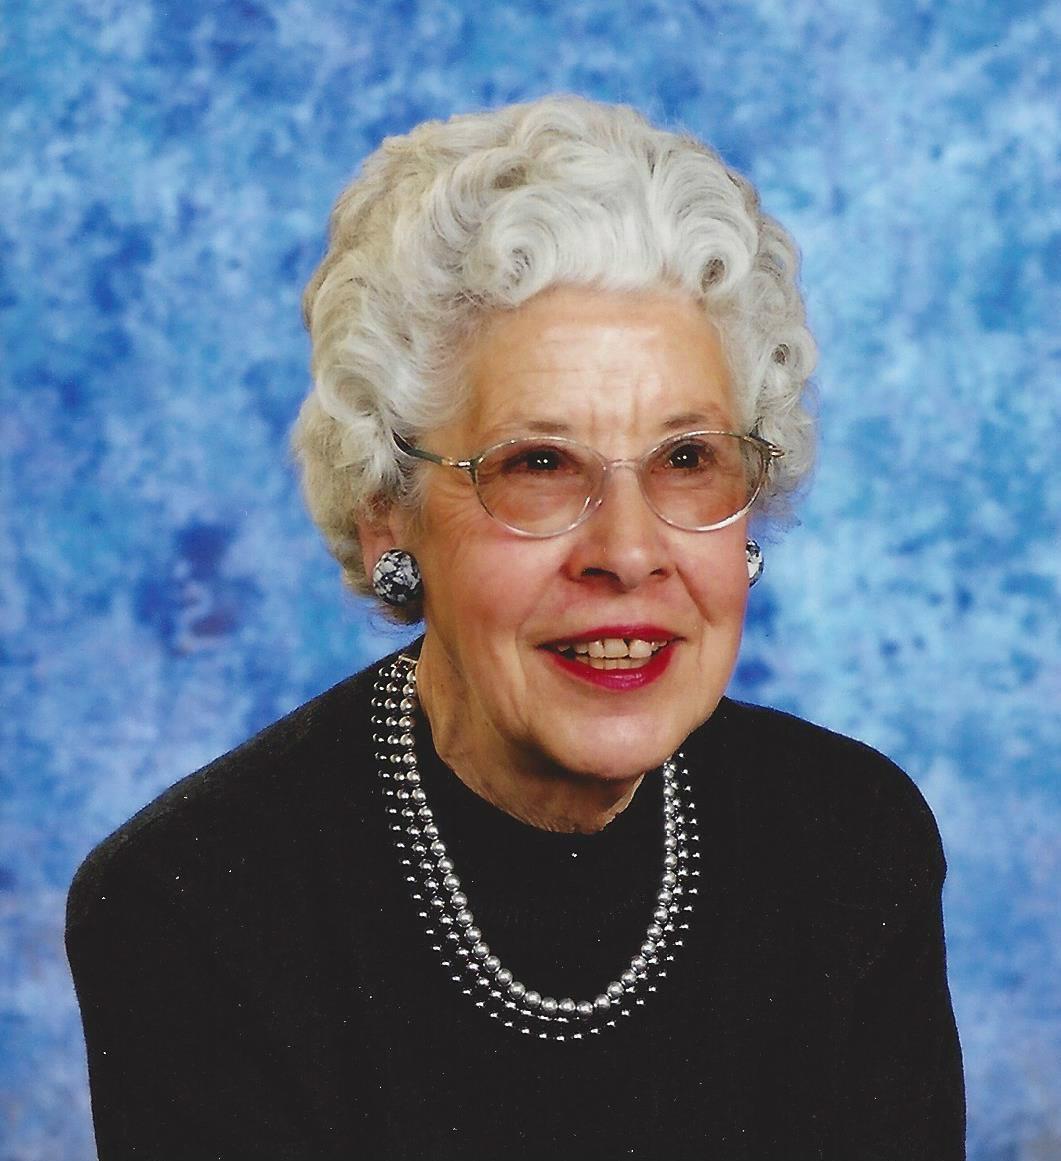 Dorothea Barth Jorgensen SWE 2009, 2012 images